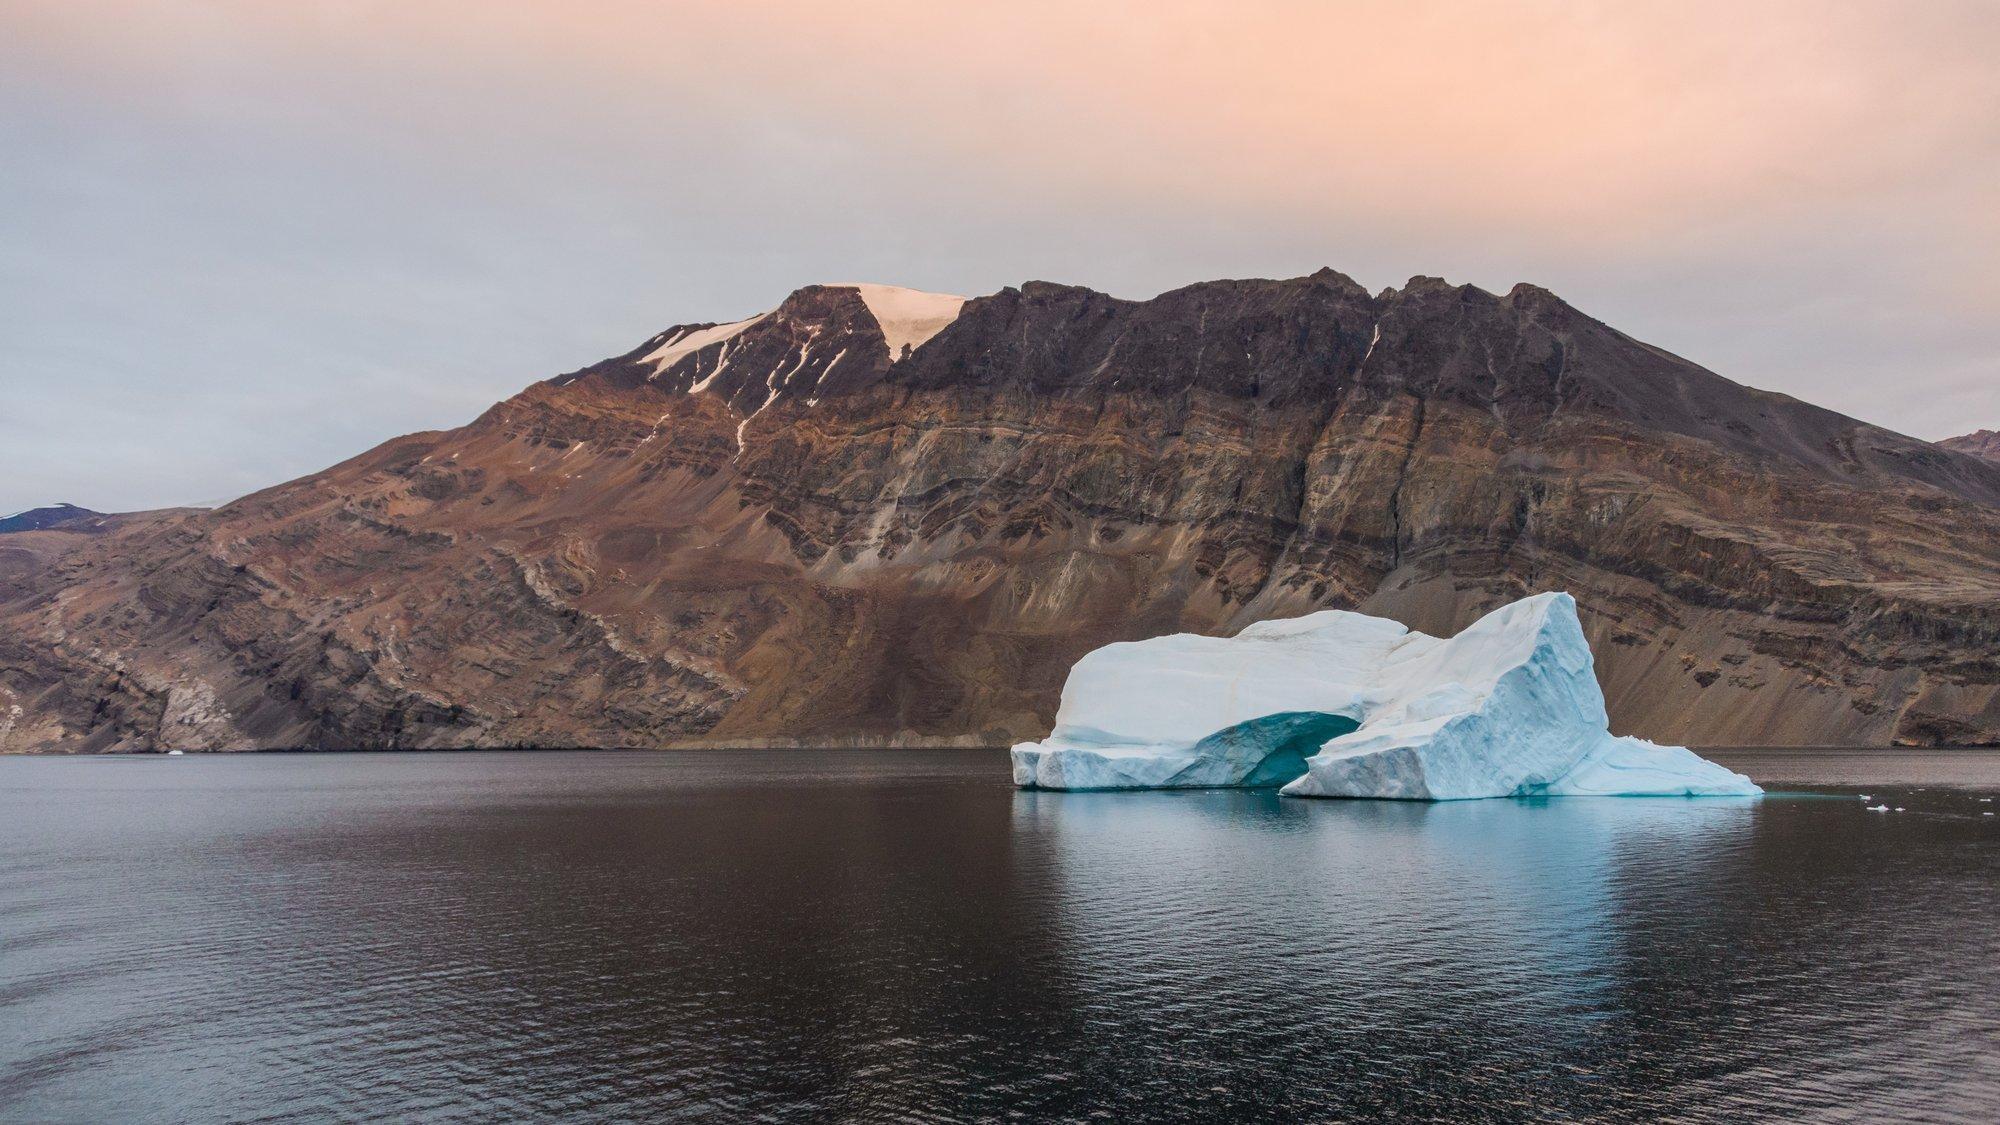 Das Bild zeigt eine grönländische Gebirgslandschaft, mit einem See und einem kleinen Eisberg im Vordergrund.